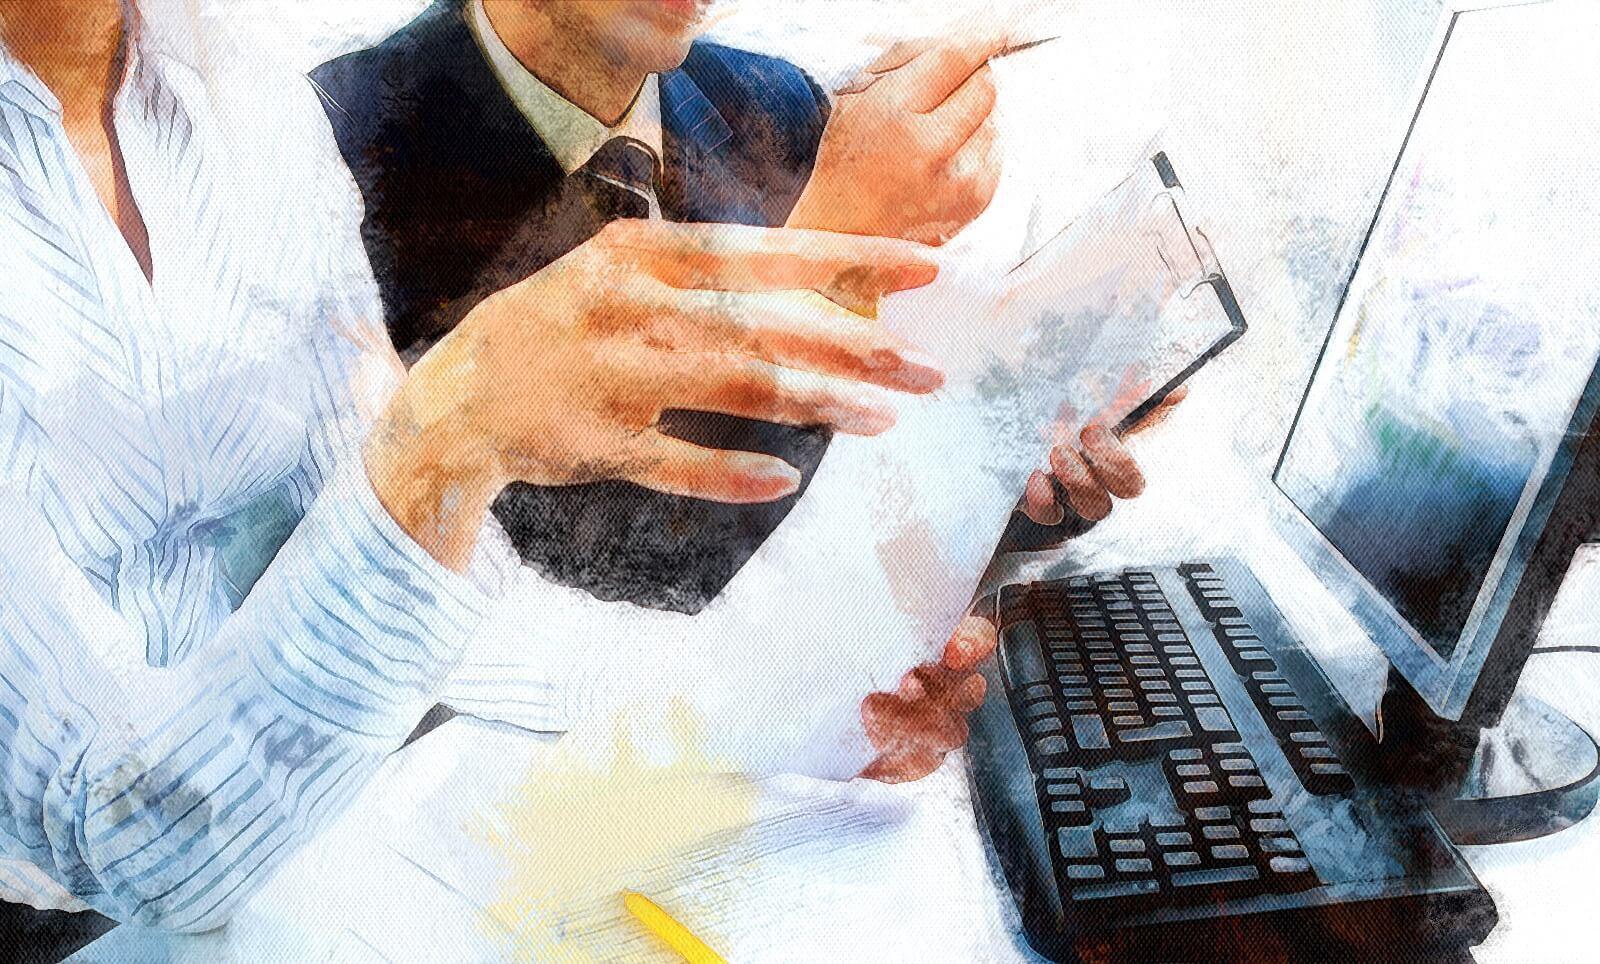 Как банк проверяет квартиру при ипотеке, документы на юридическую чистоту